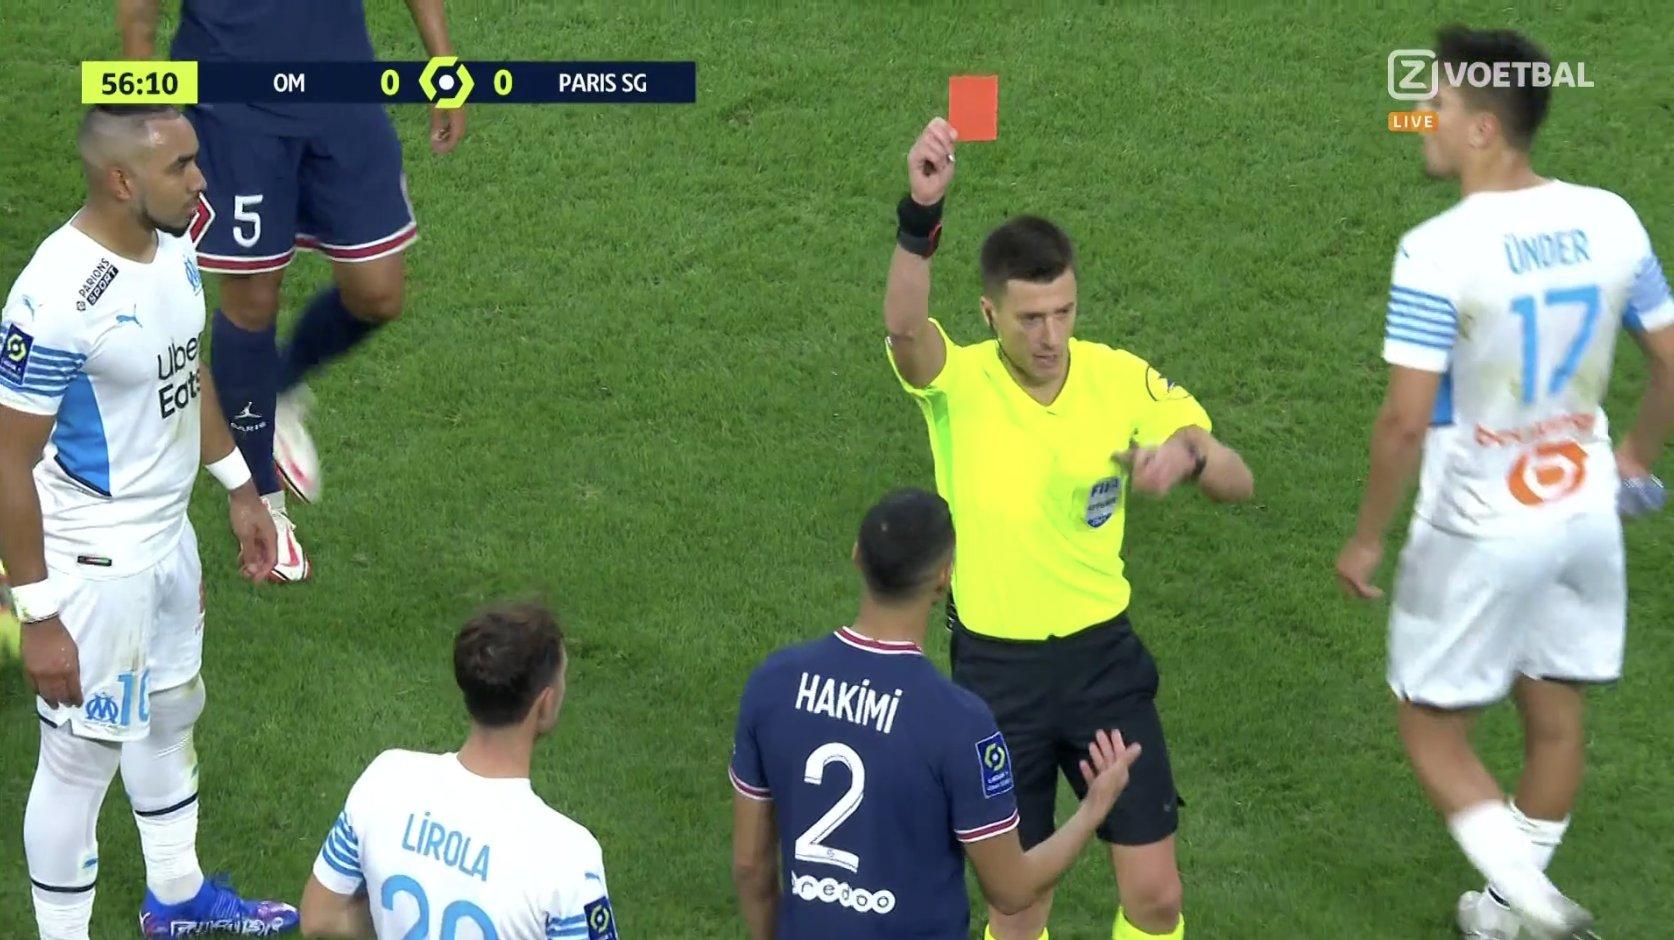 طرد أشرف حكيمي في مباراة باريس سان جيرمان أمام أولمبيك مرسيليا, اللاعب أشرف حكيمي, achraf hakimi , psg vs om